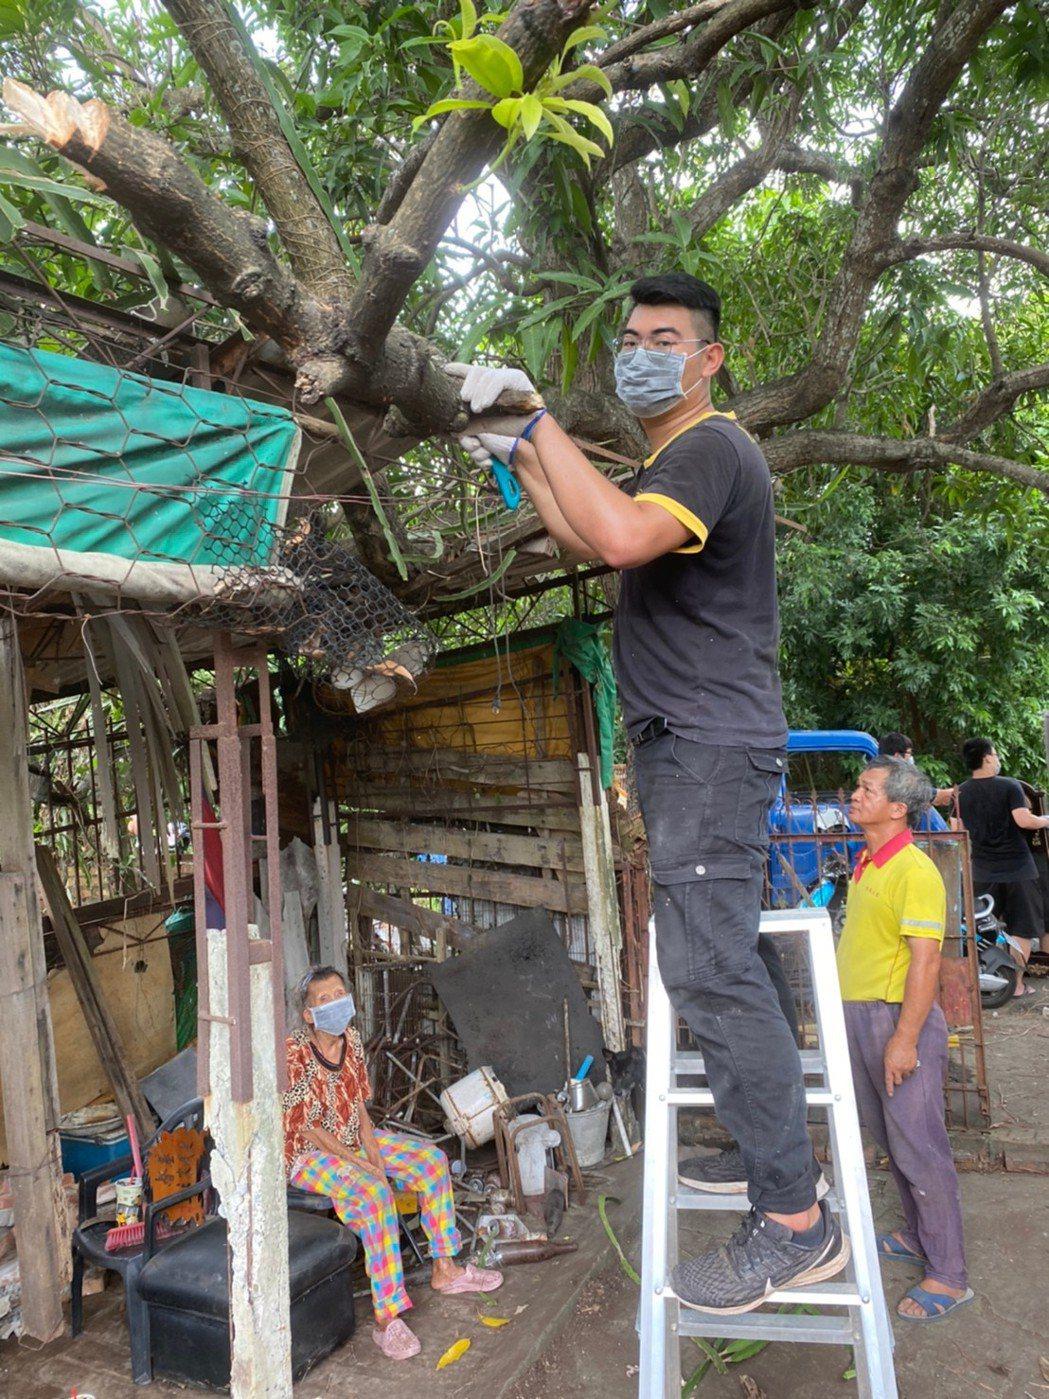 協助獨居老人環境清掃。 遠東科大/提供。